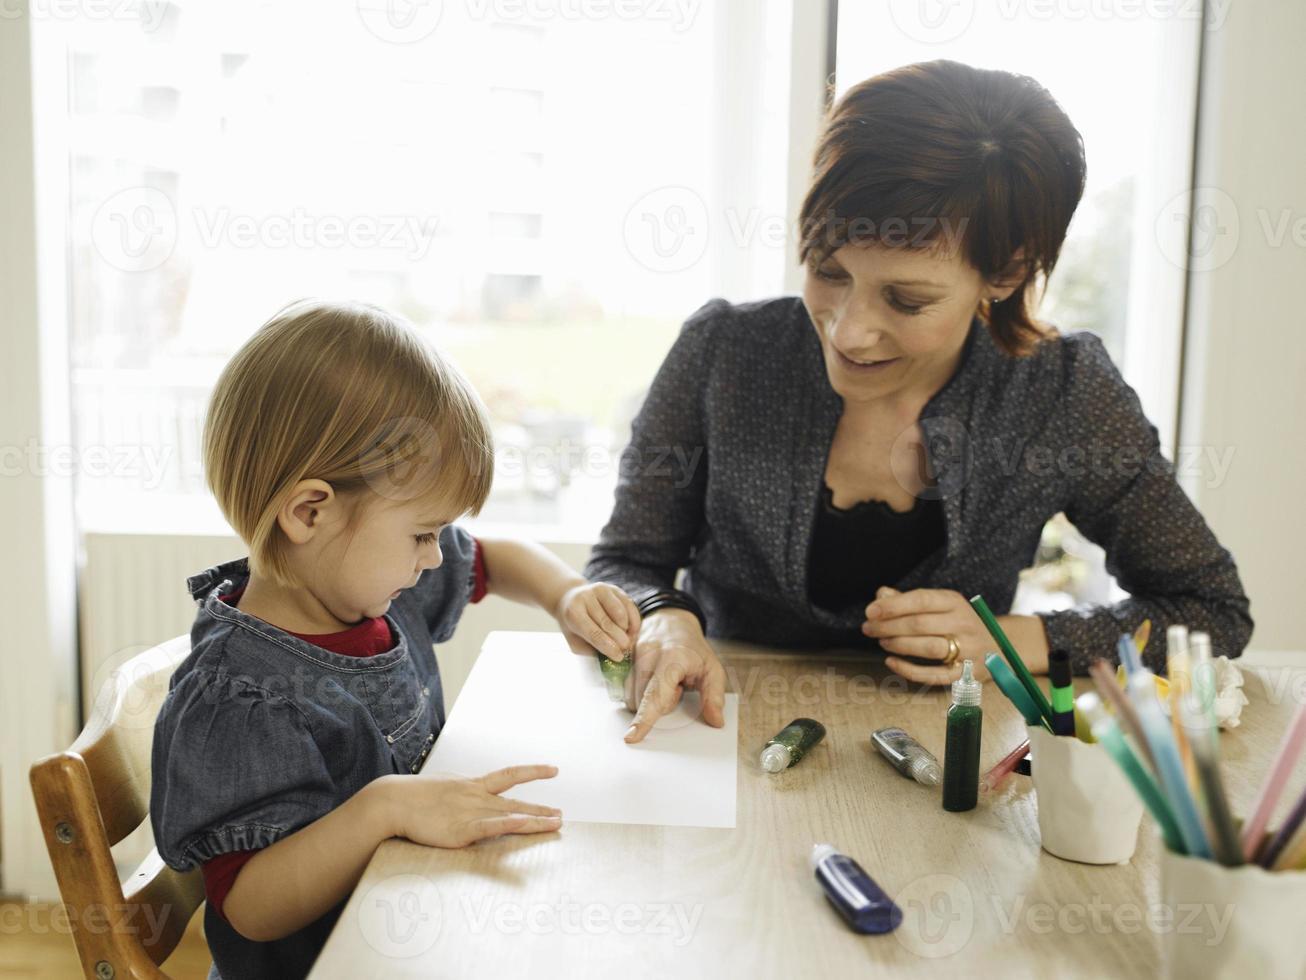 moeder en dochter tekenen samen foto